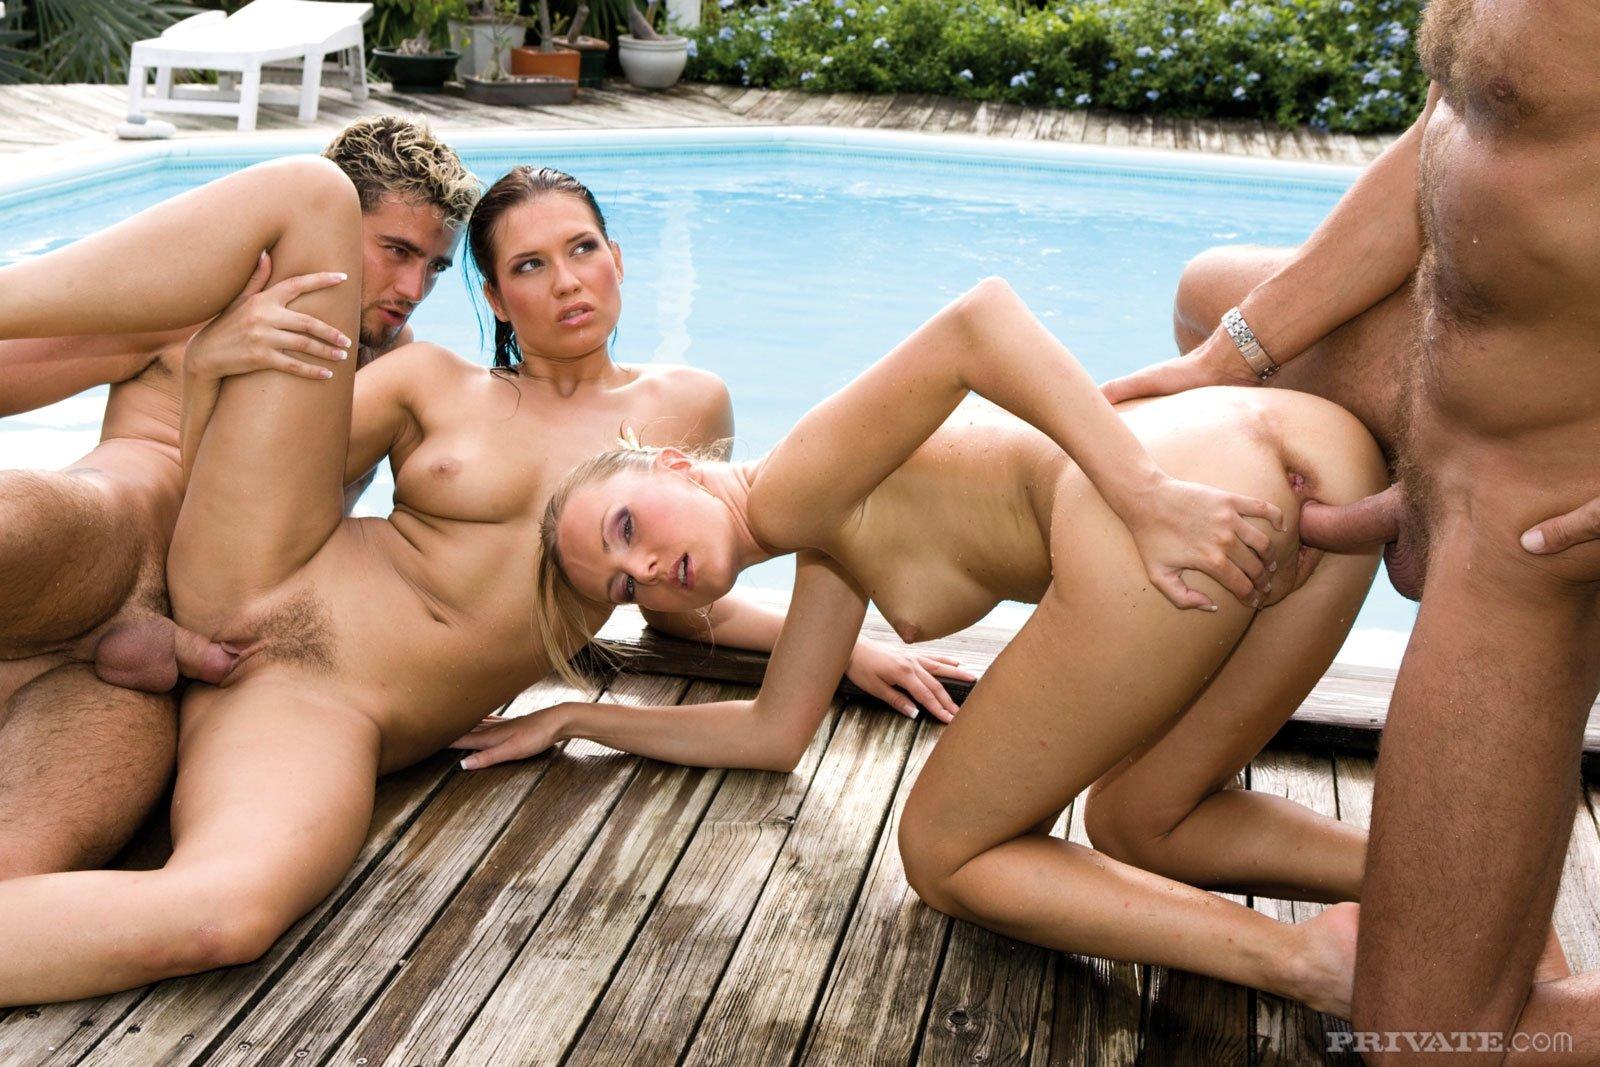 решить дикий хардкор анал порно возле бассейна ещё несколько